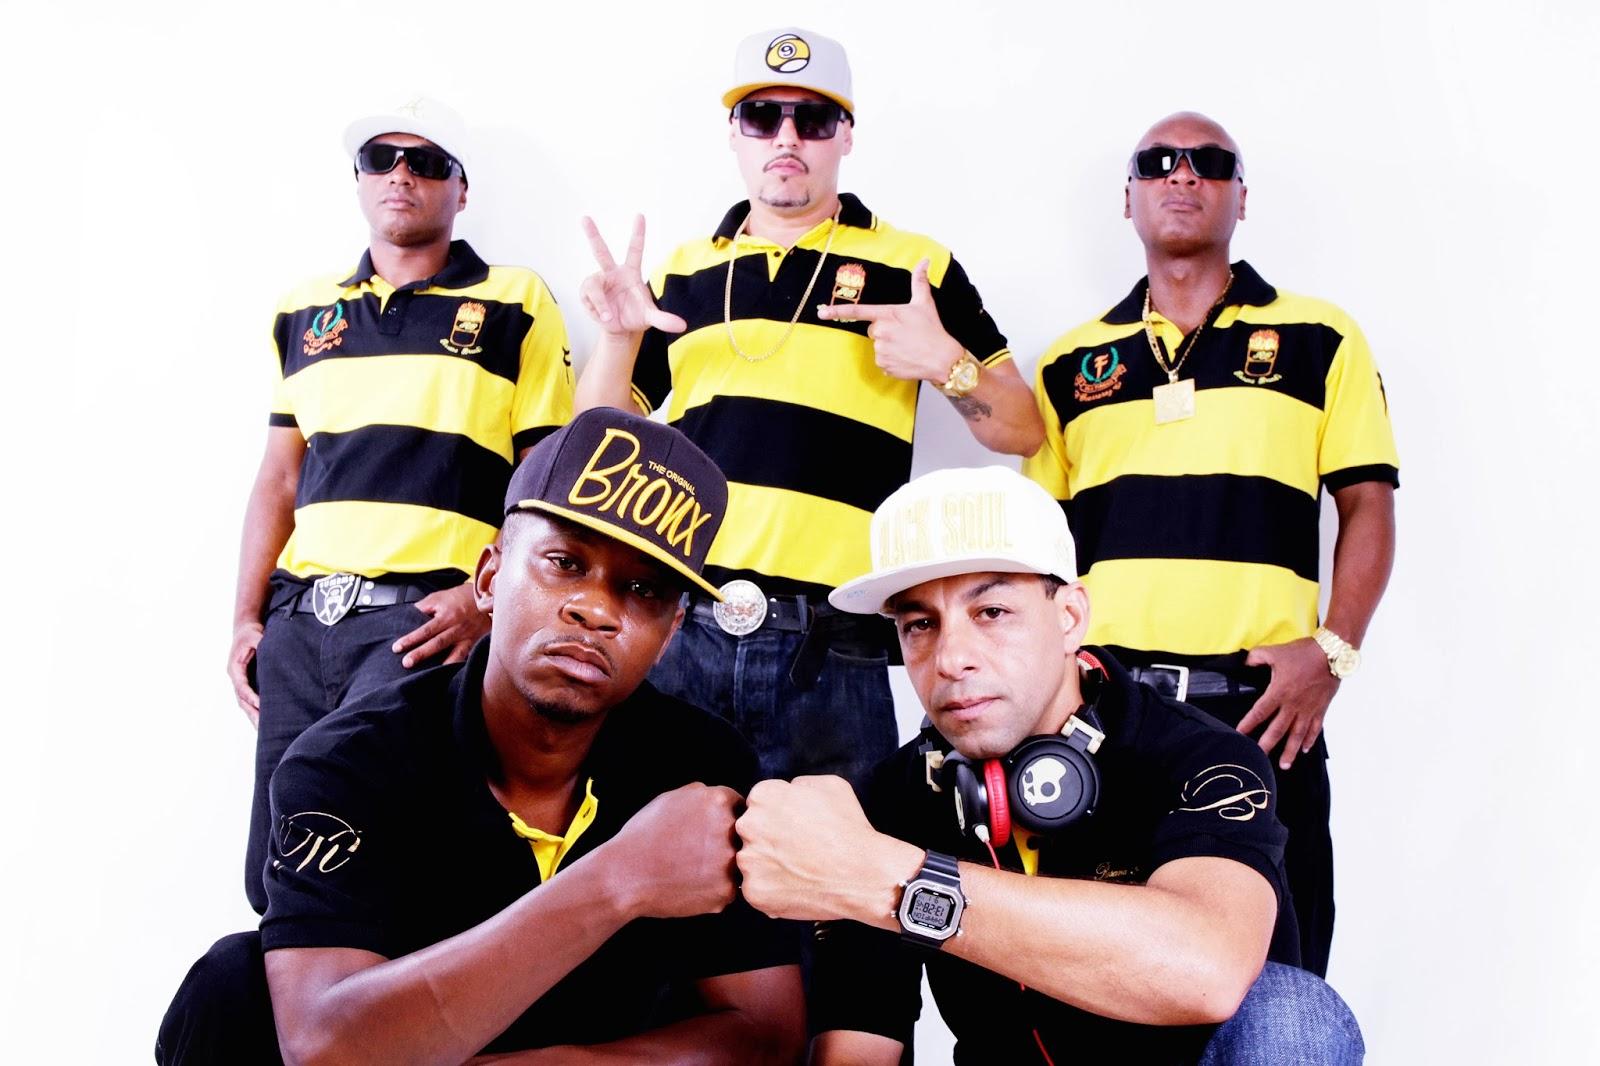 CONCERTO HIP HOP leva atrações da Música Periférica Brasileira para o Sesc Itaquera